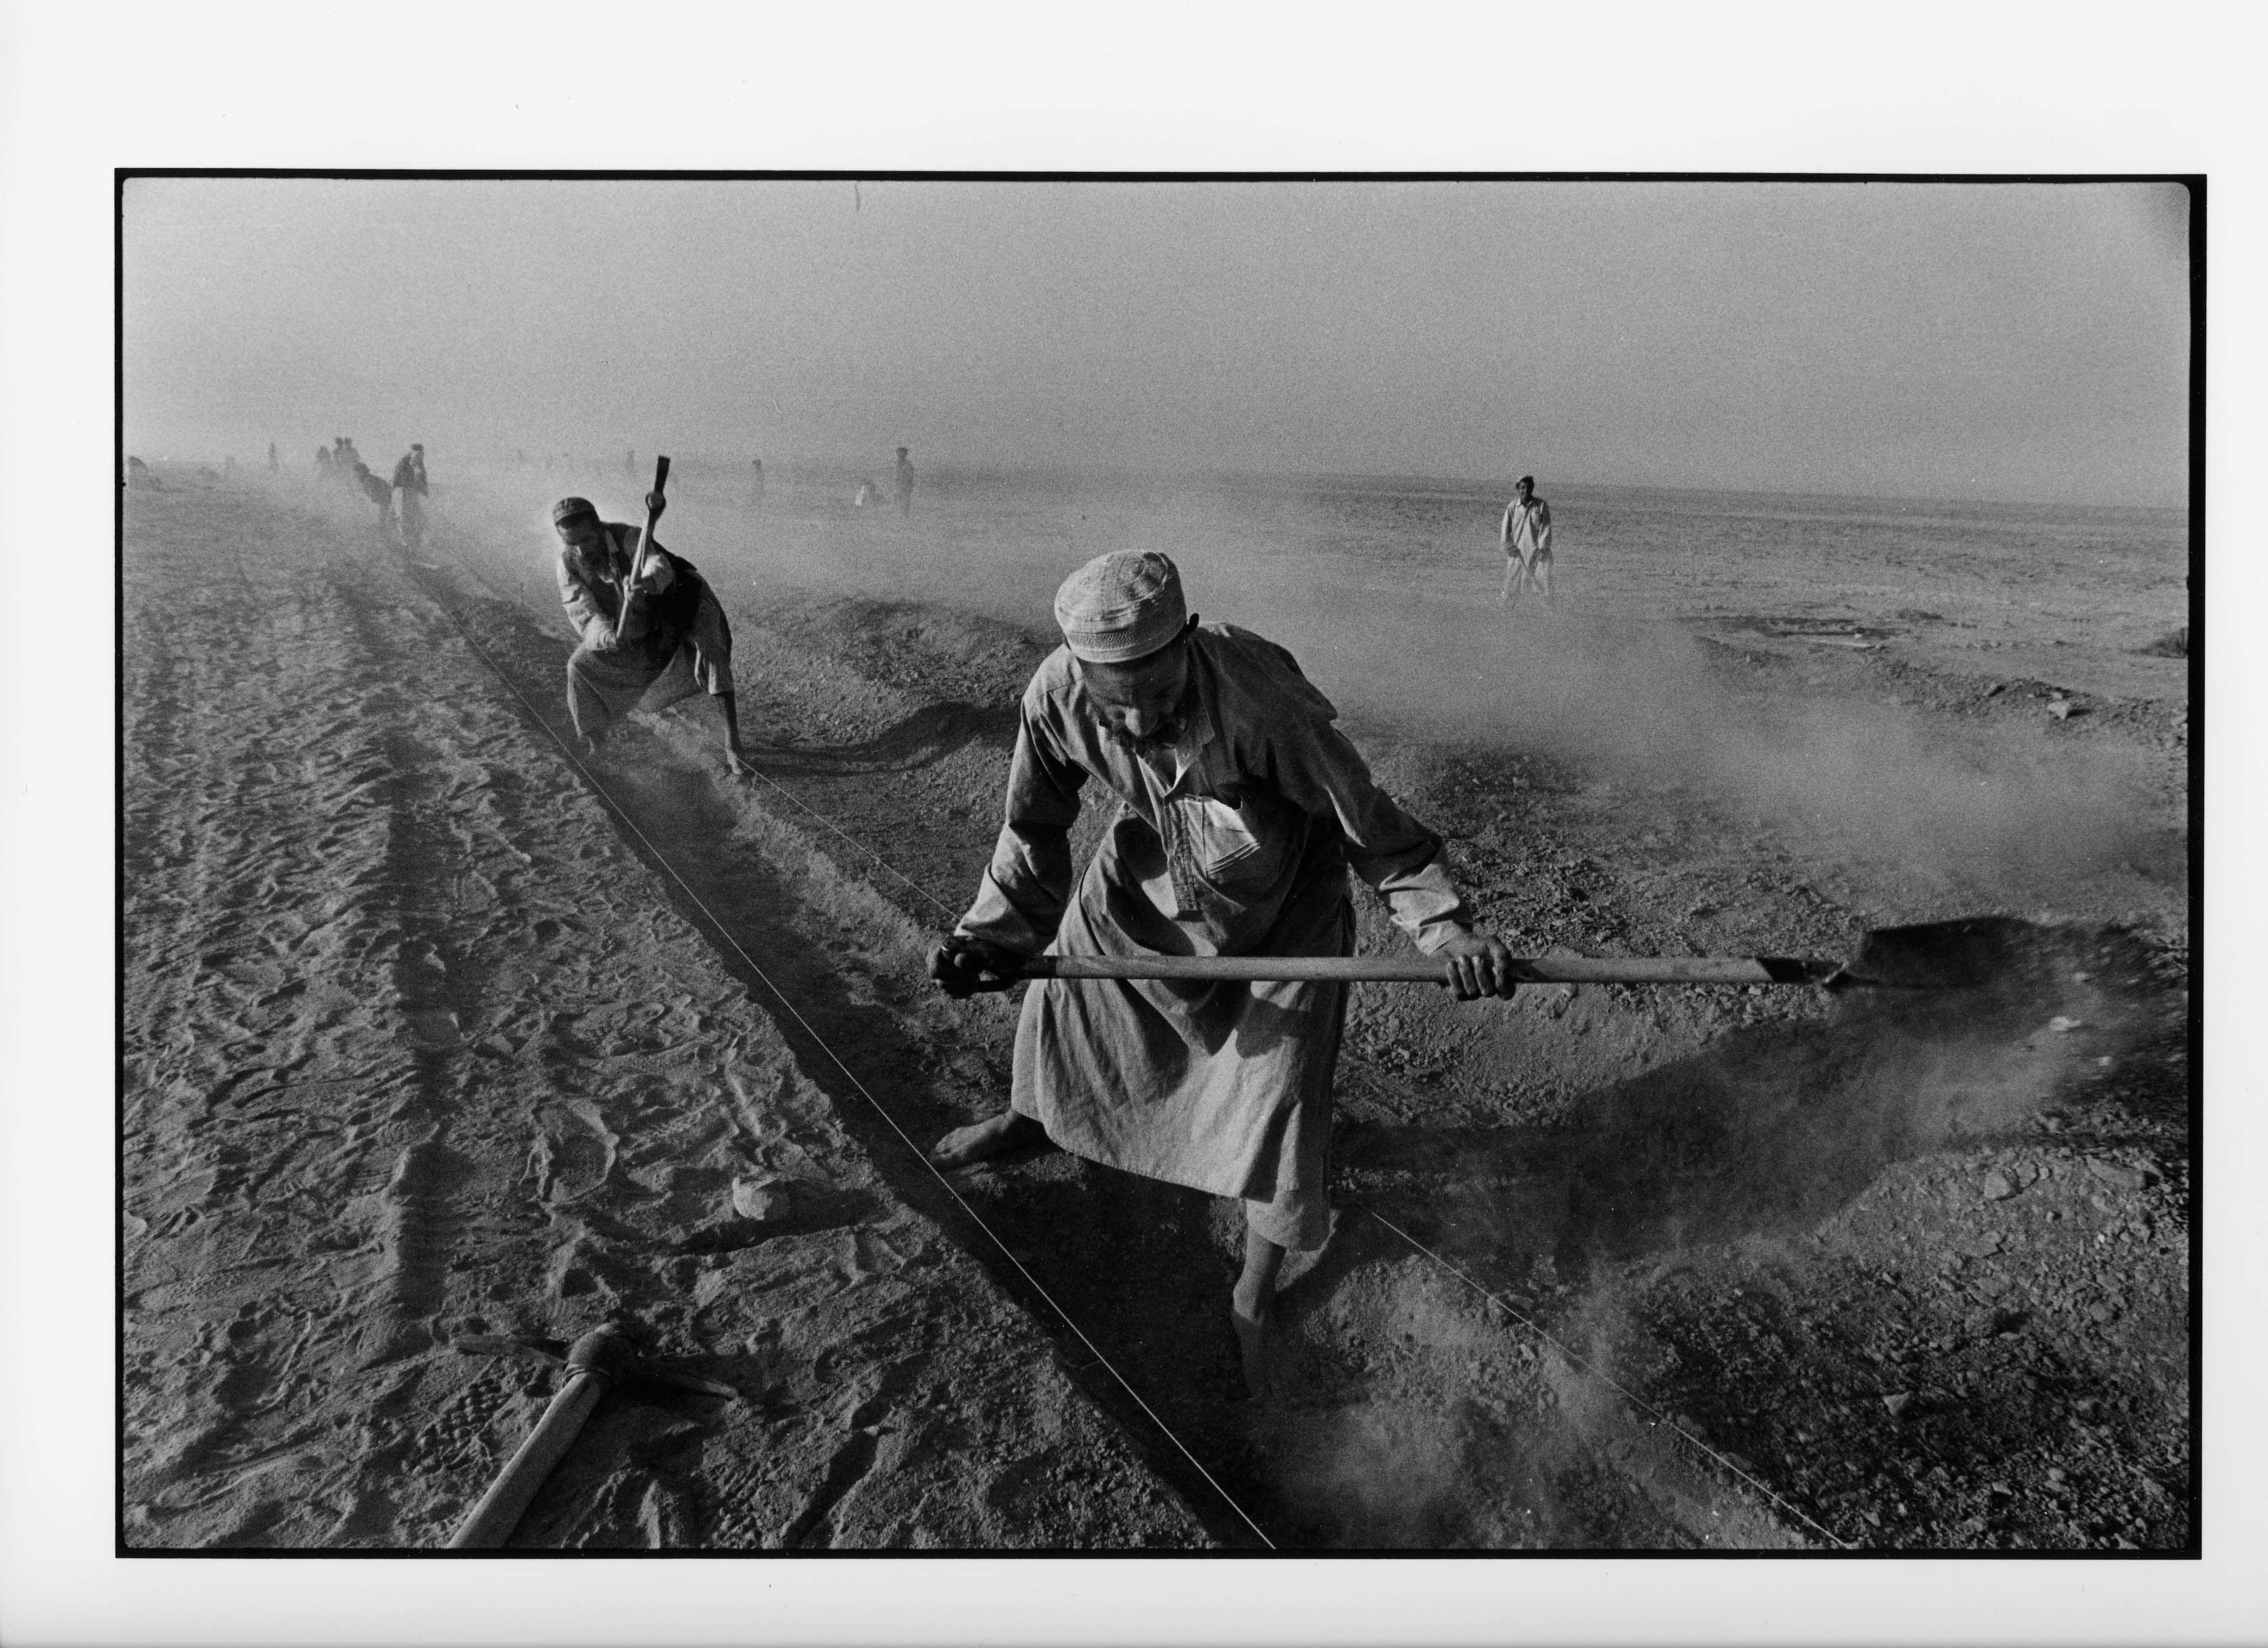 """Rune Eraker, """"Afganistan"""", 2002, dzięki uprzejmości MOCAK"""